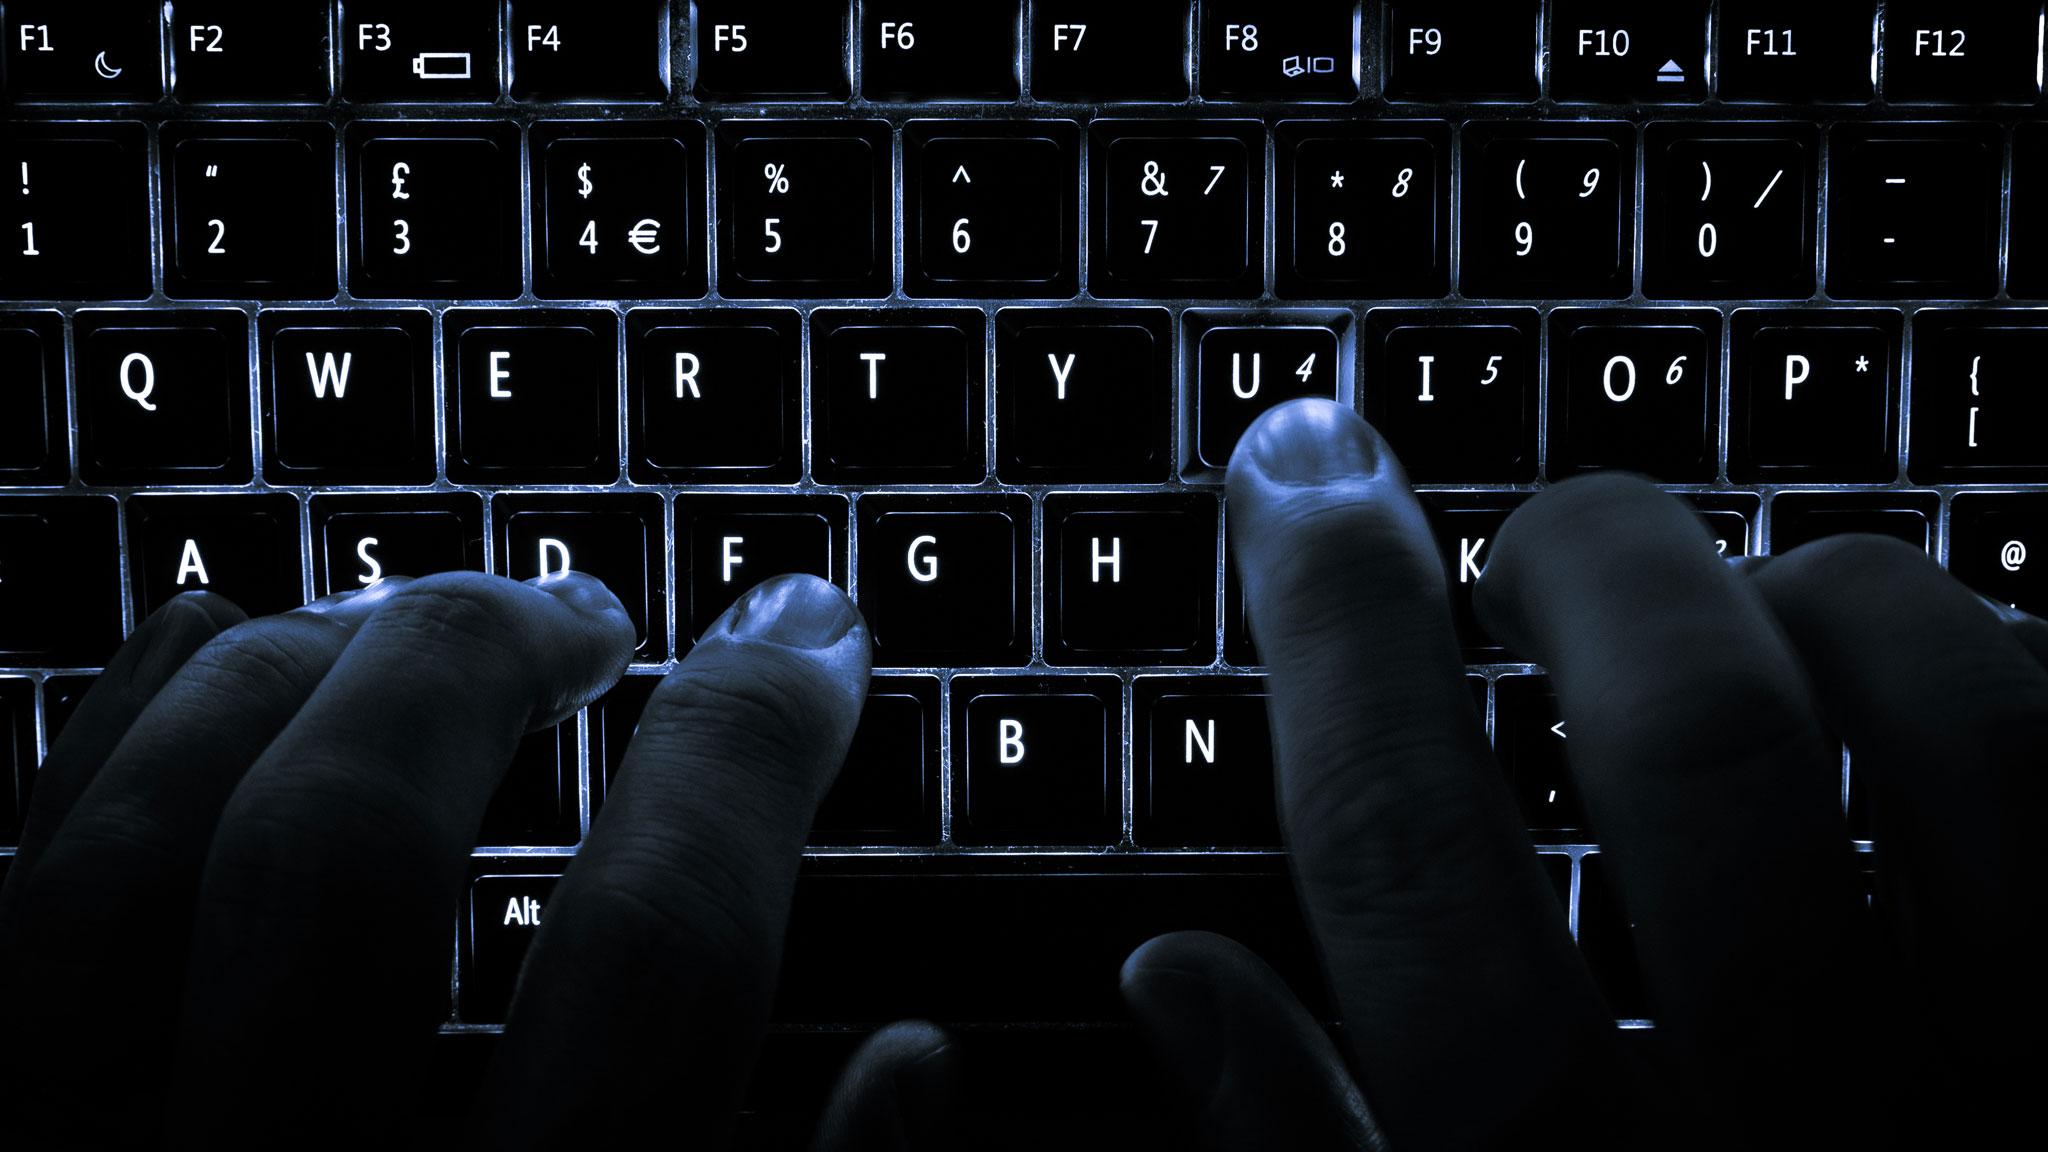 Backlit_keyboard_R